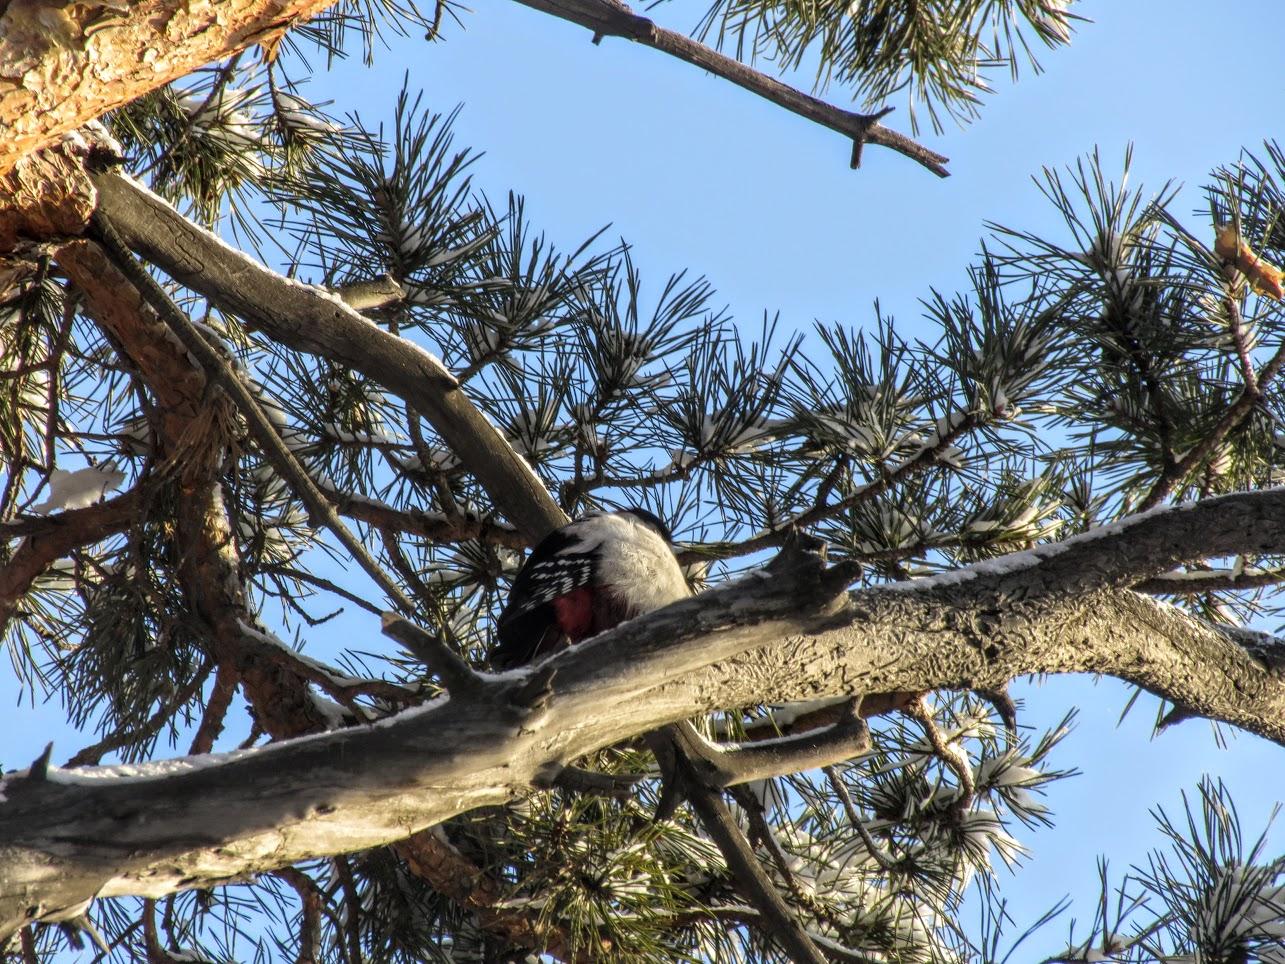 Птички - невелички - ополовники и большой пёстрый дятел IMG 9686